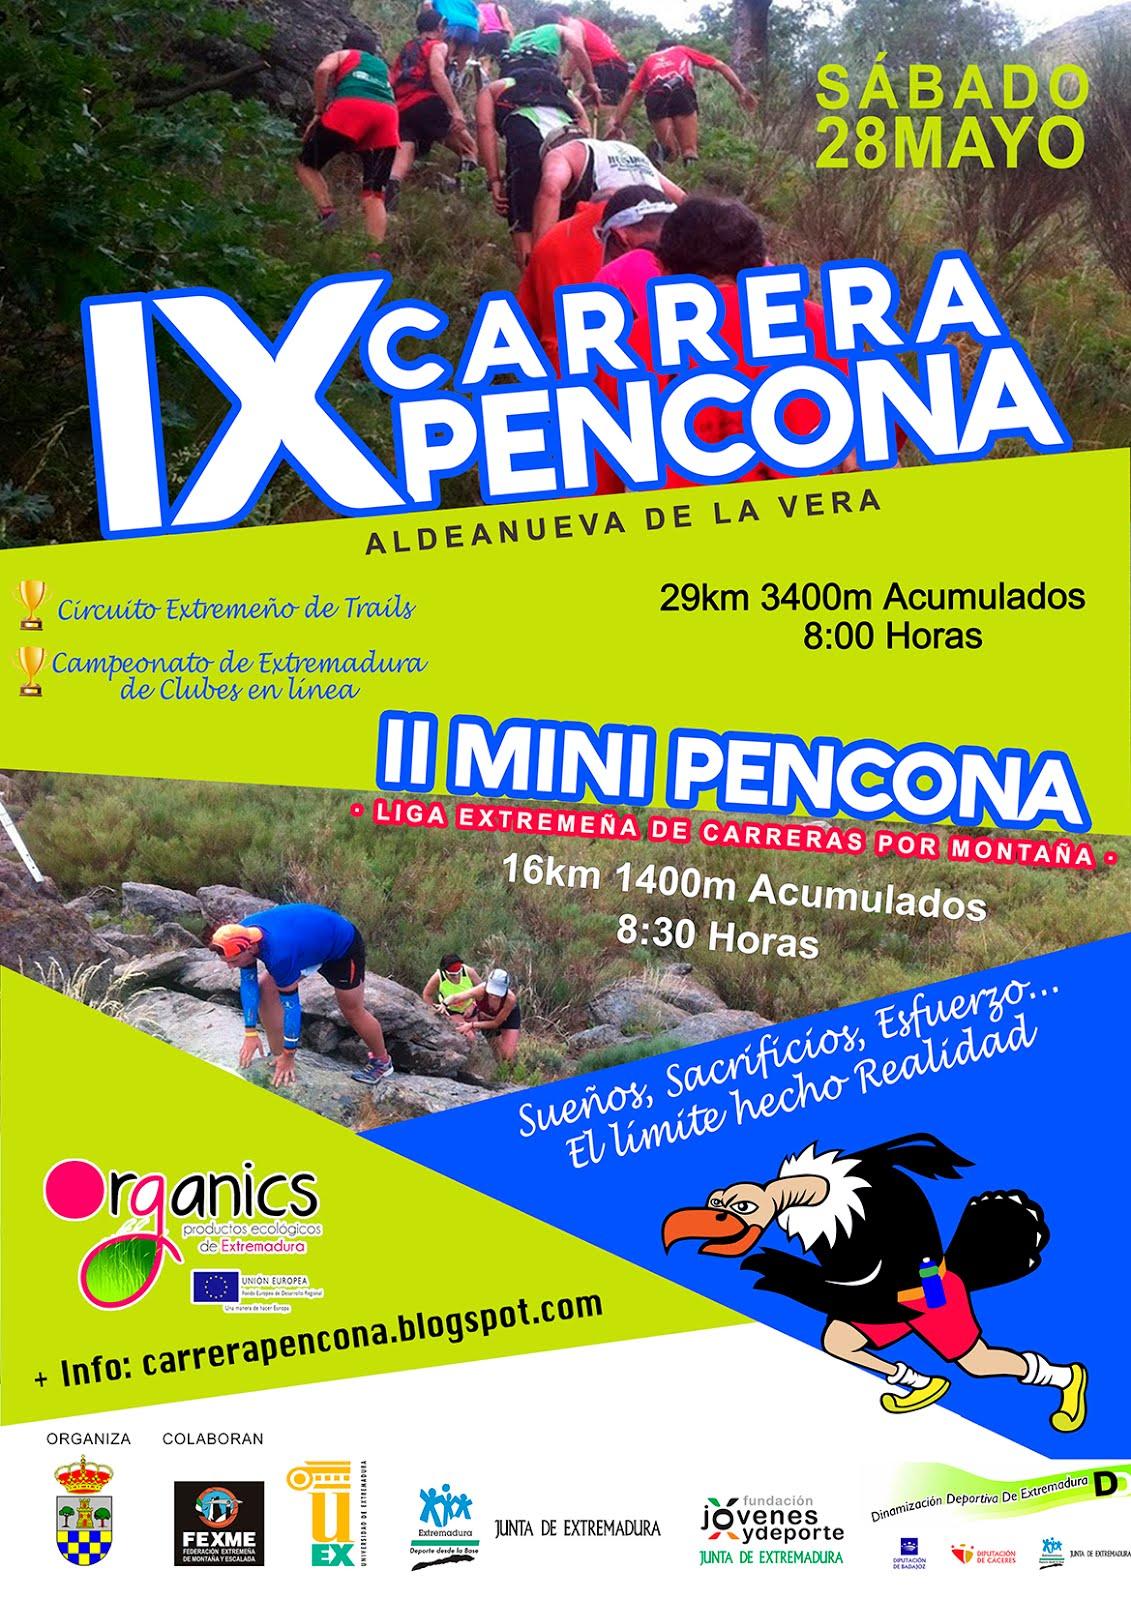 IX CARRERA PENCONA Sábado 28 Mayo 8:00